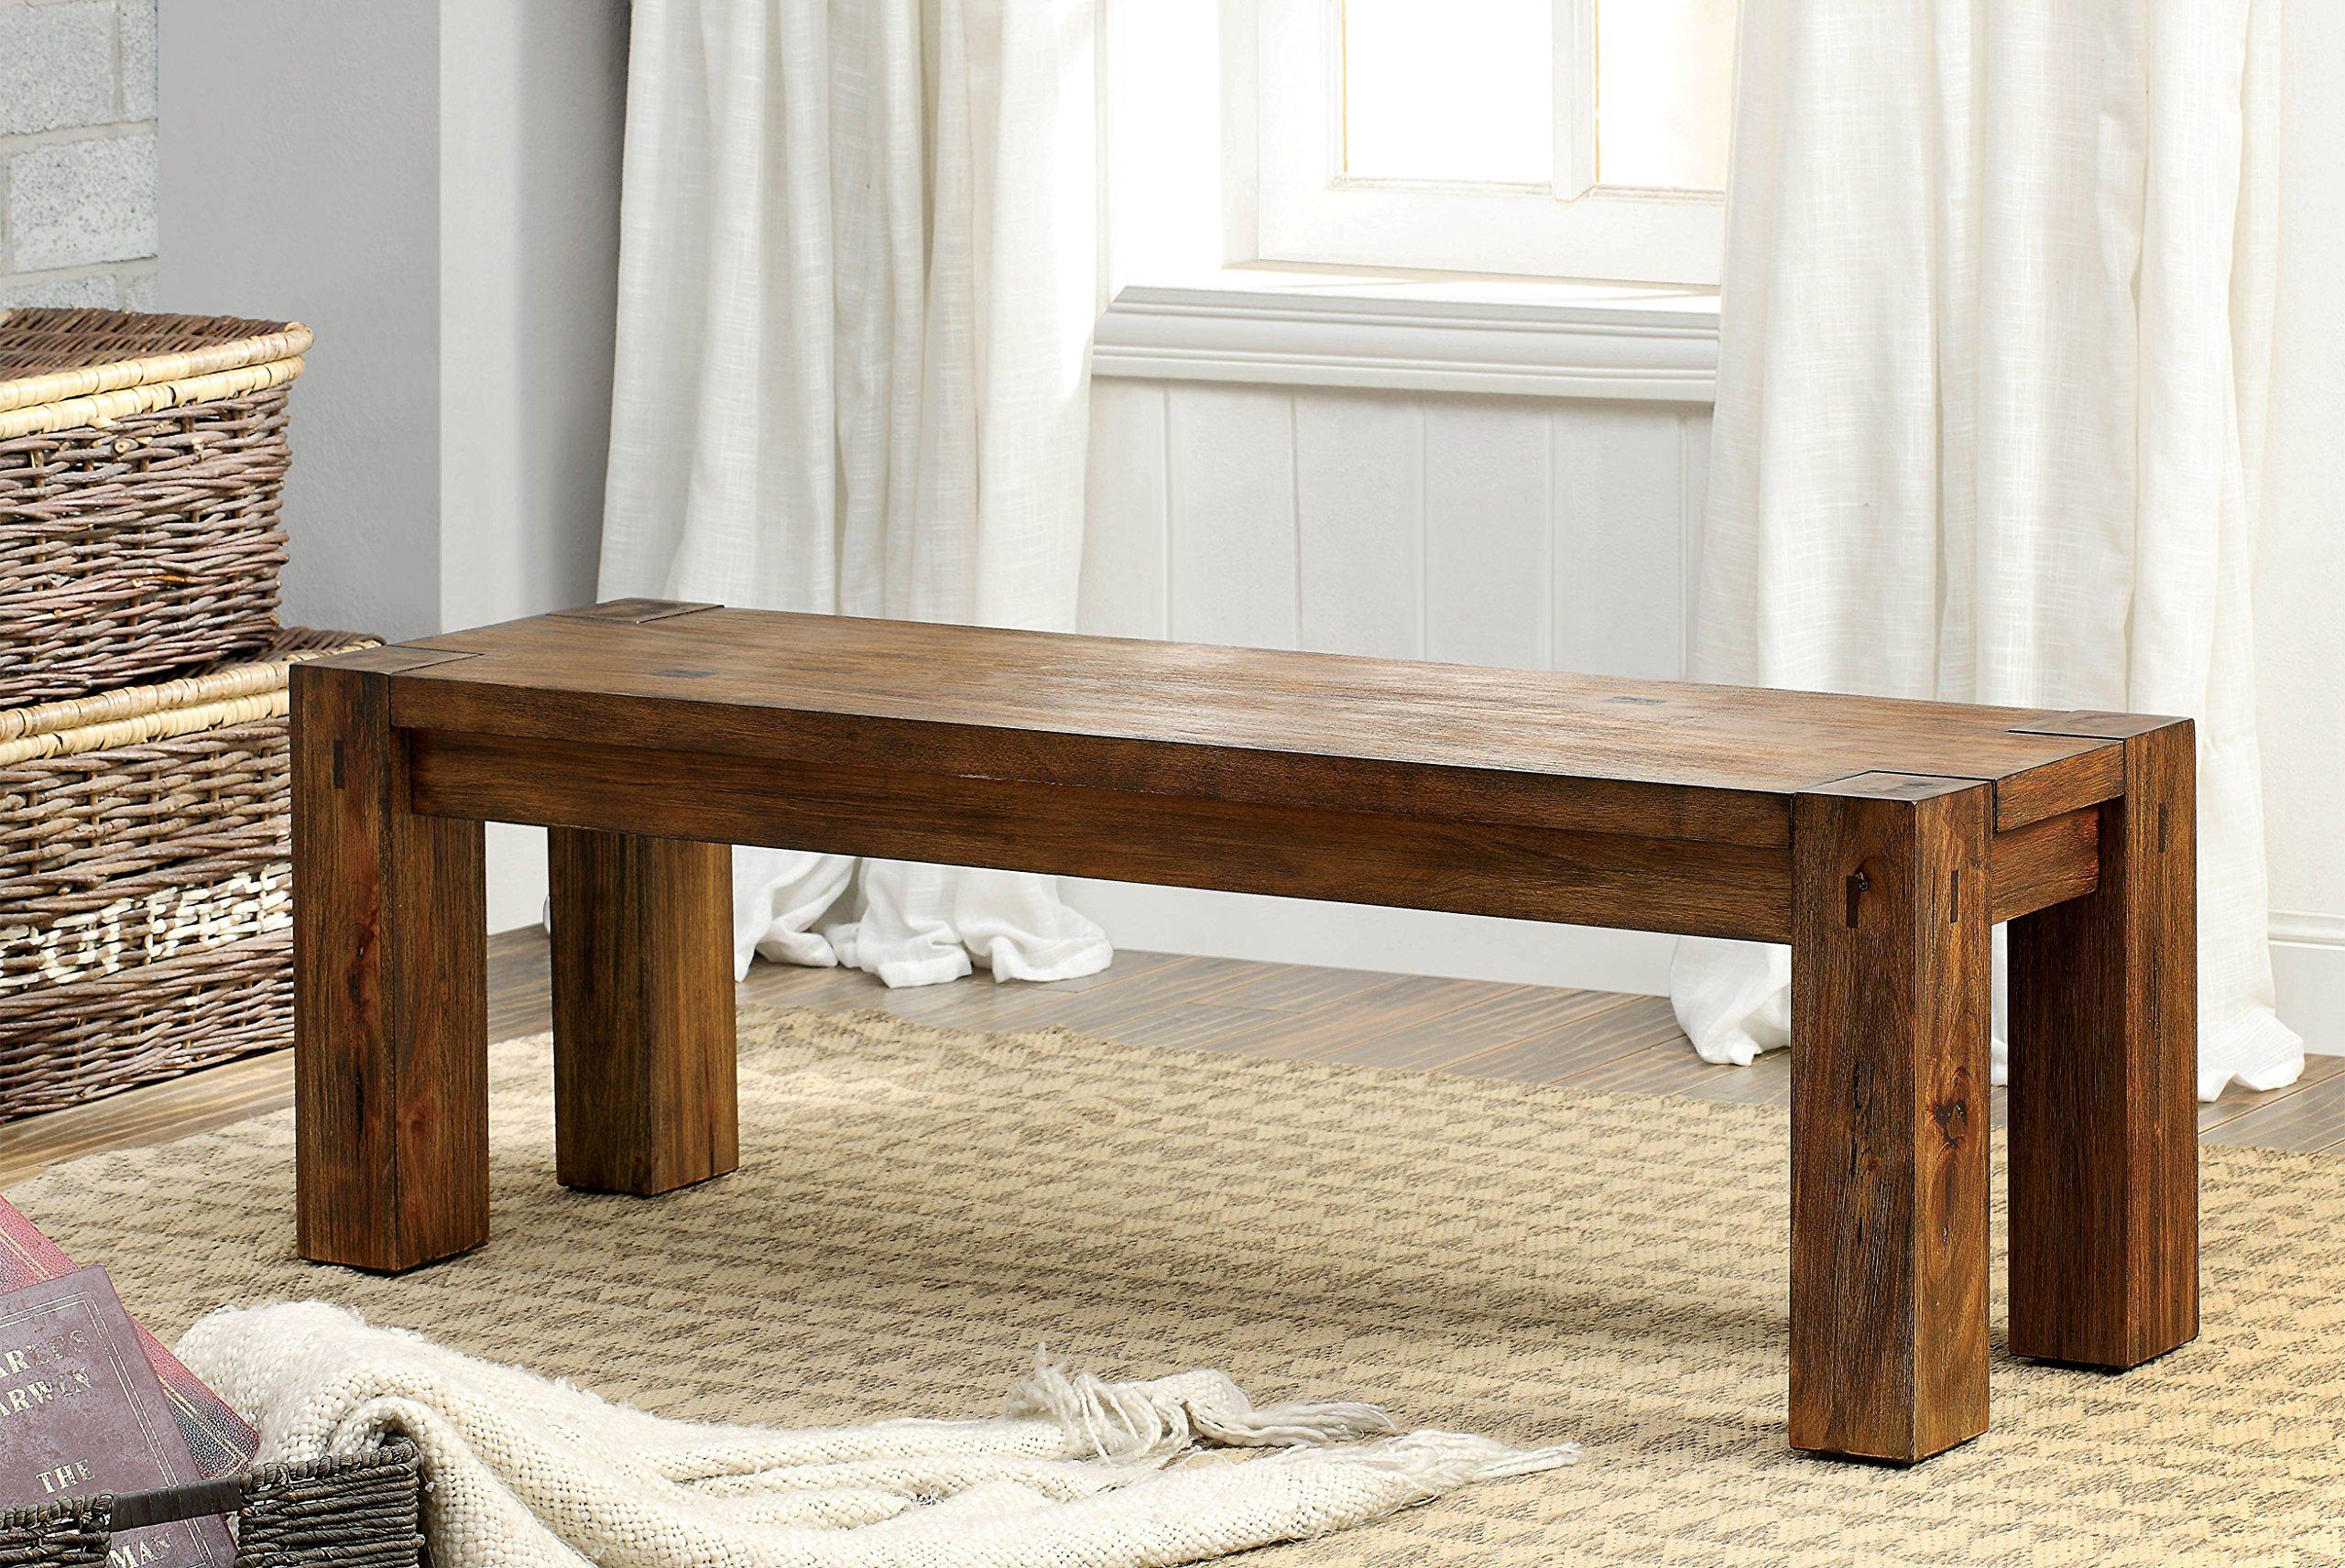 Furniture of America Maynard Dining Bench, Brown by Furniture of America